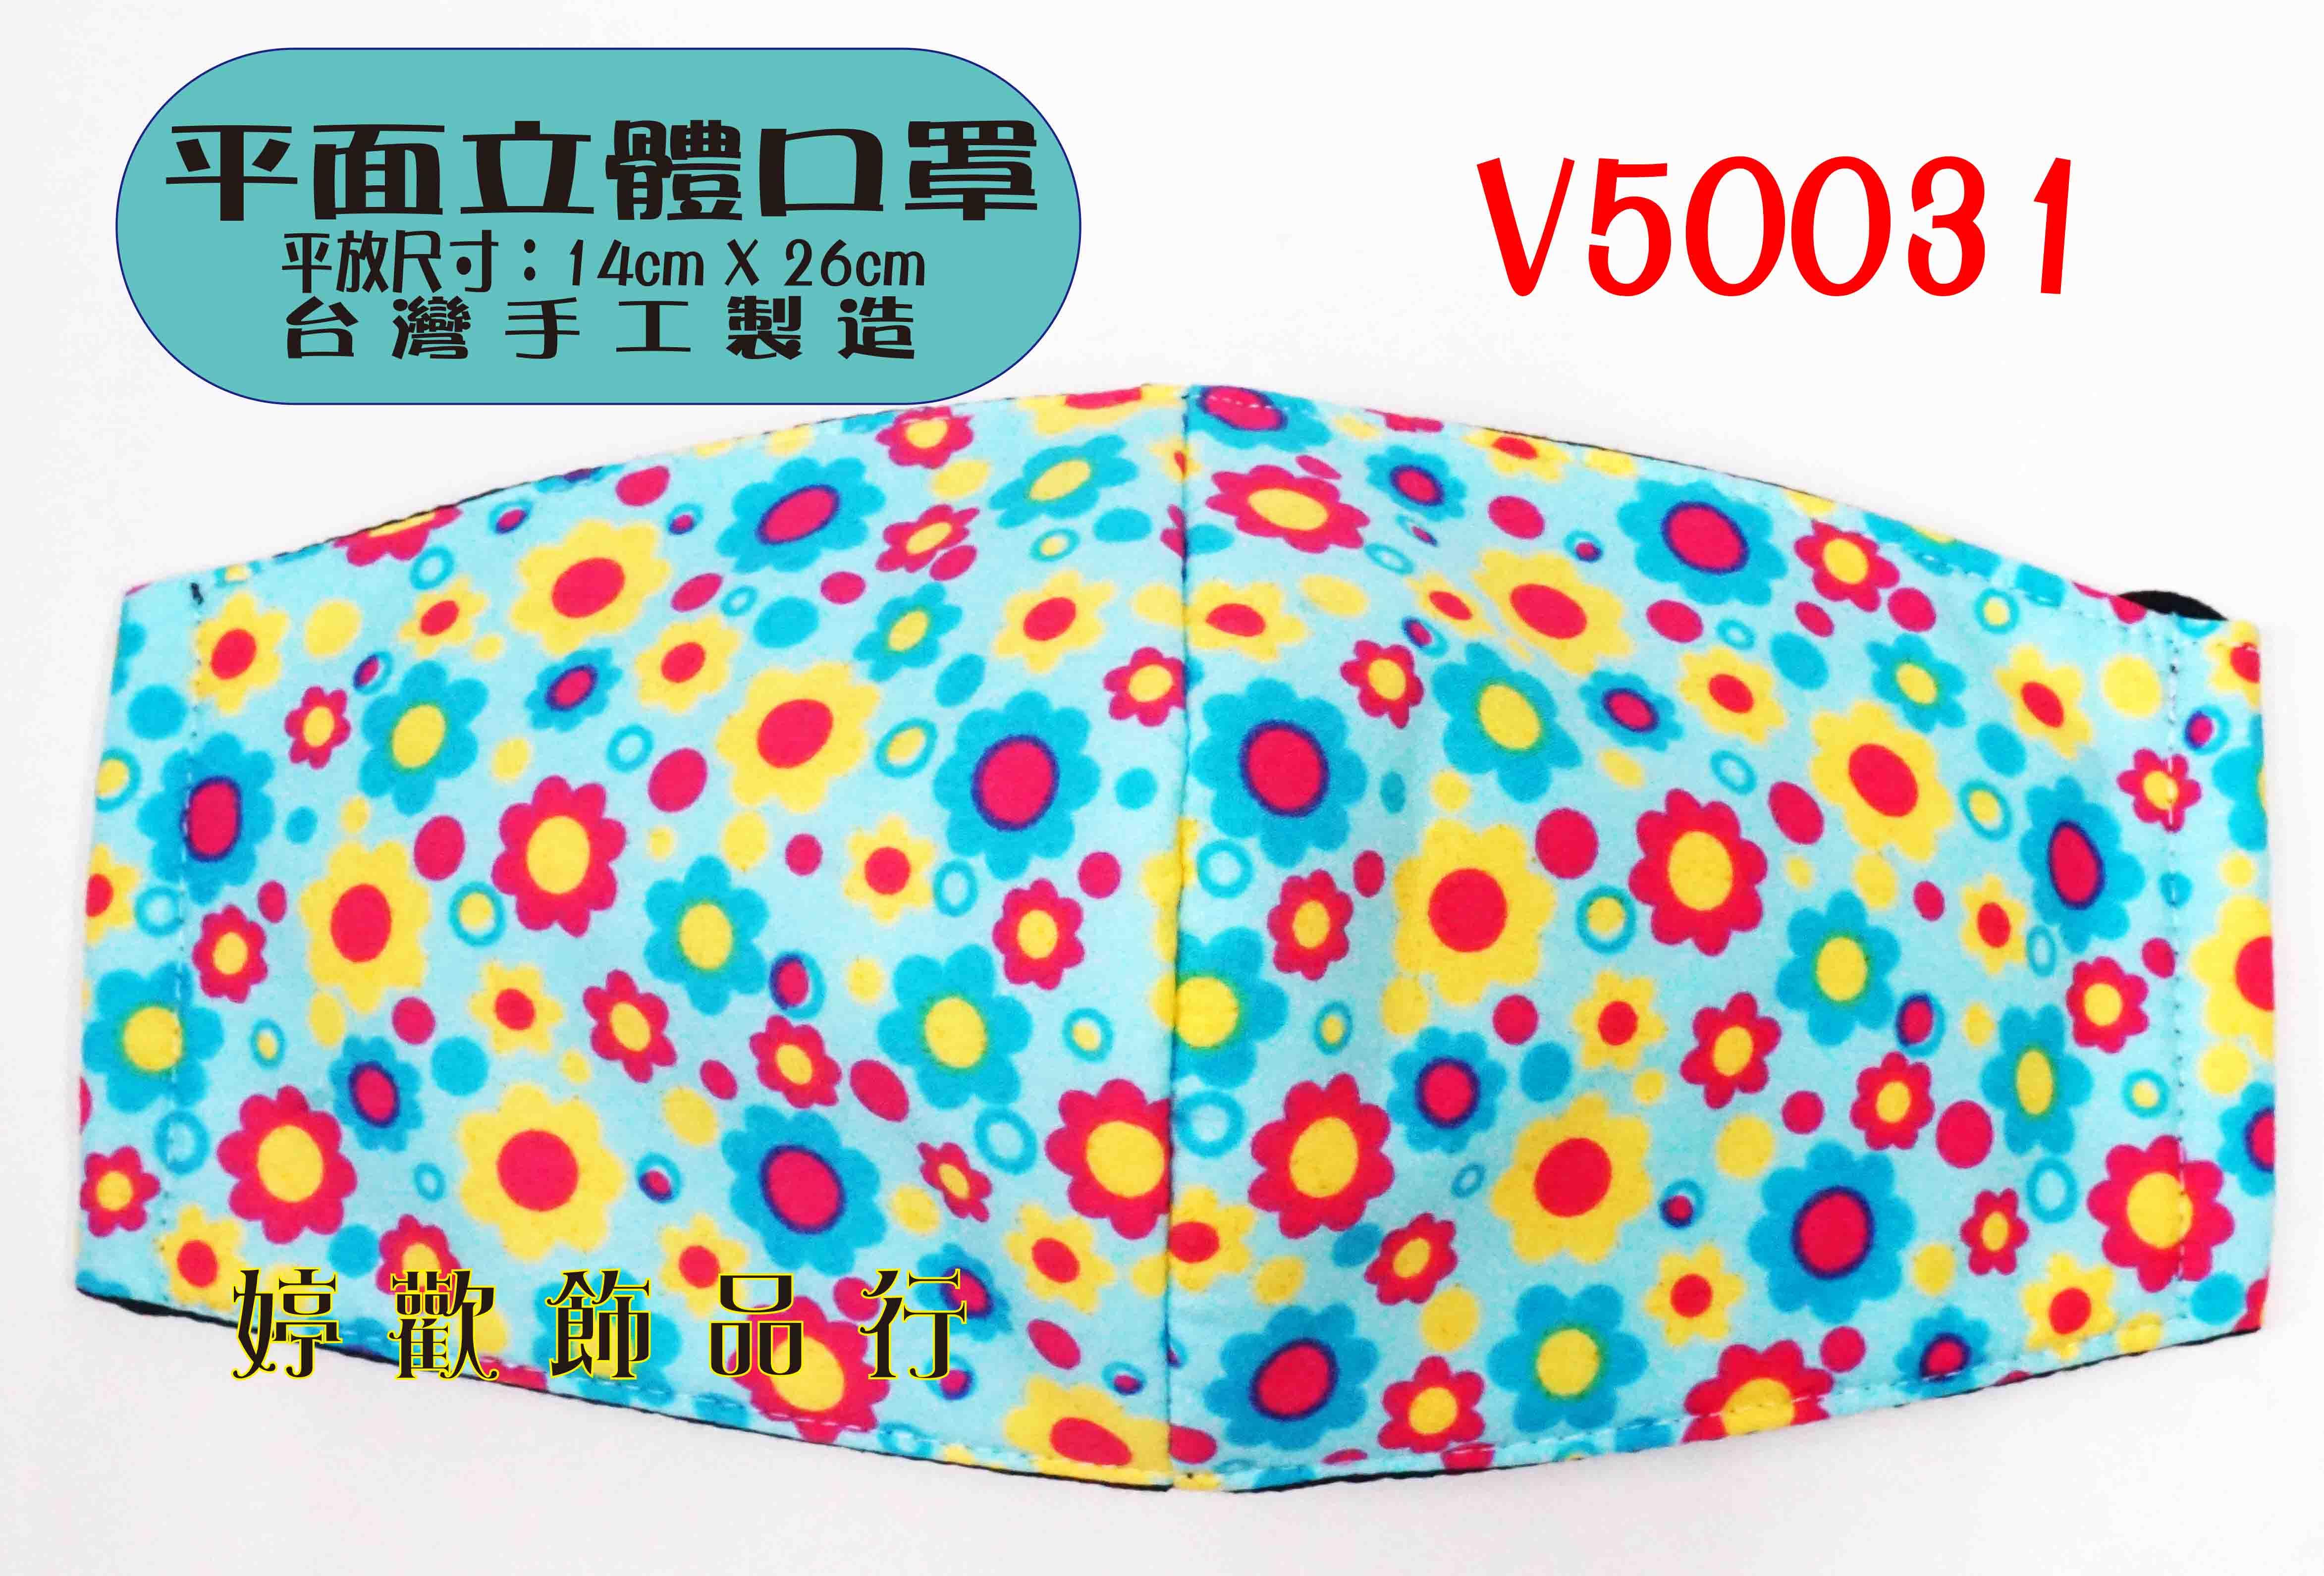 平面立體口罩/花布/台灣製造/85%棉V50031